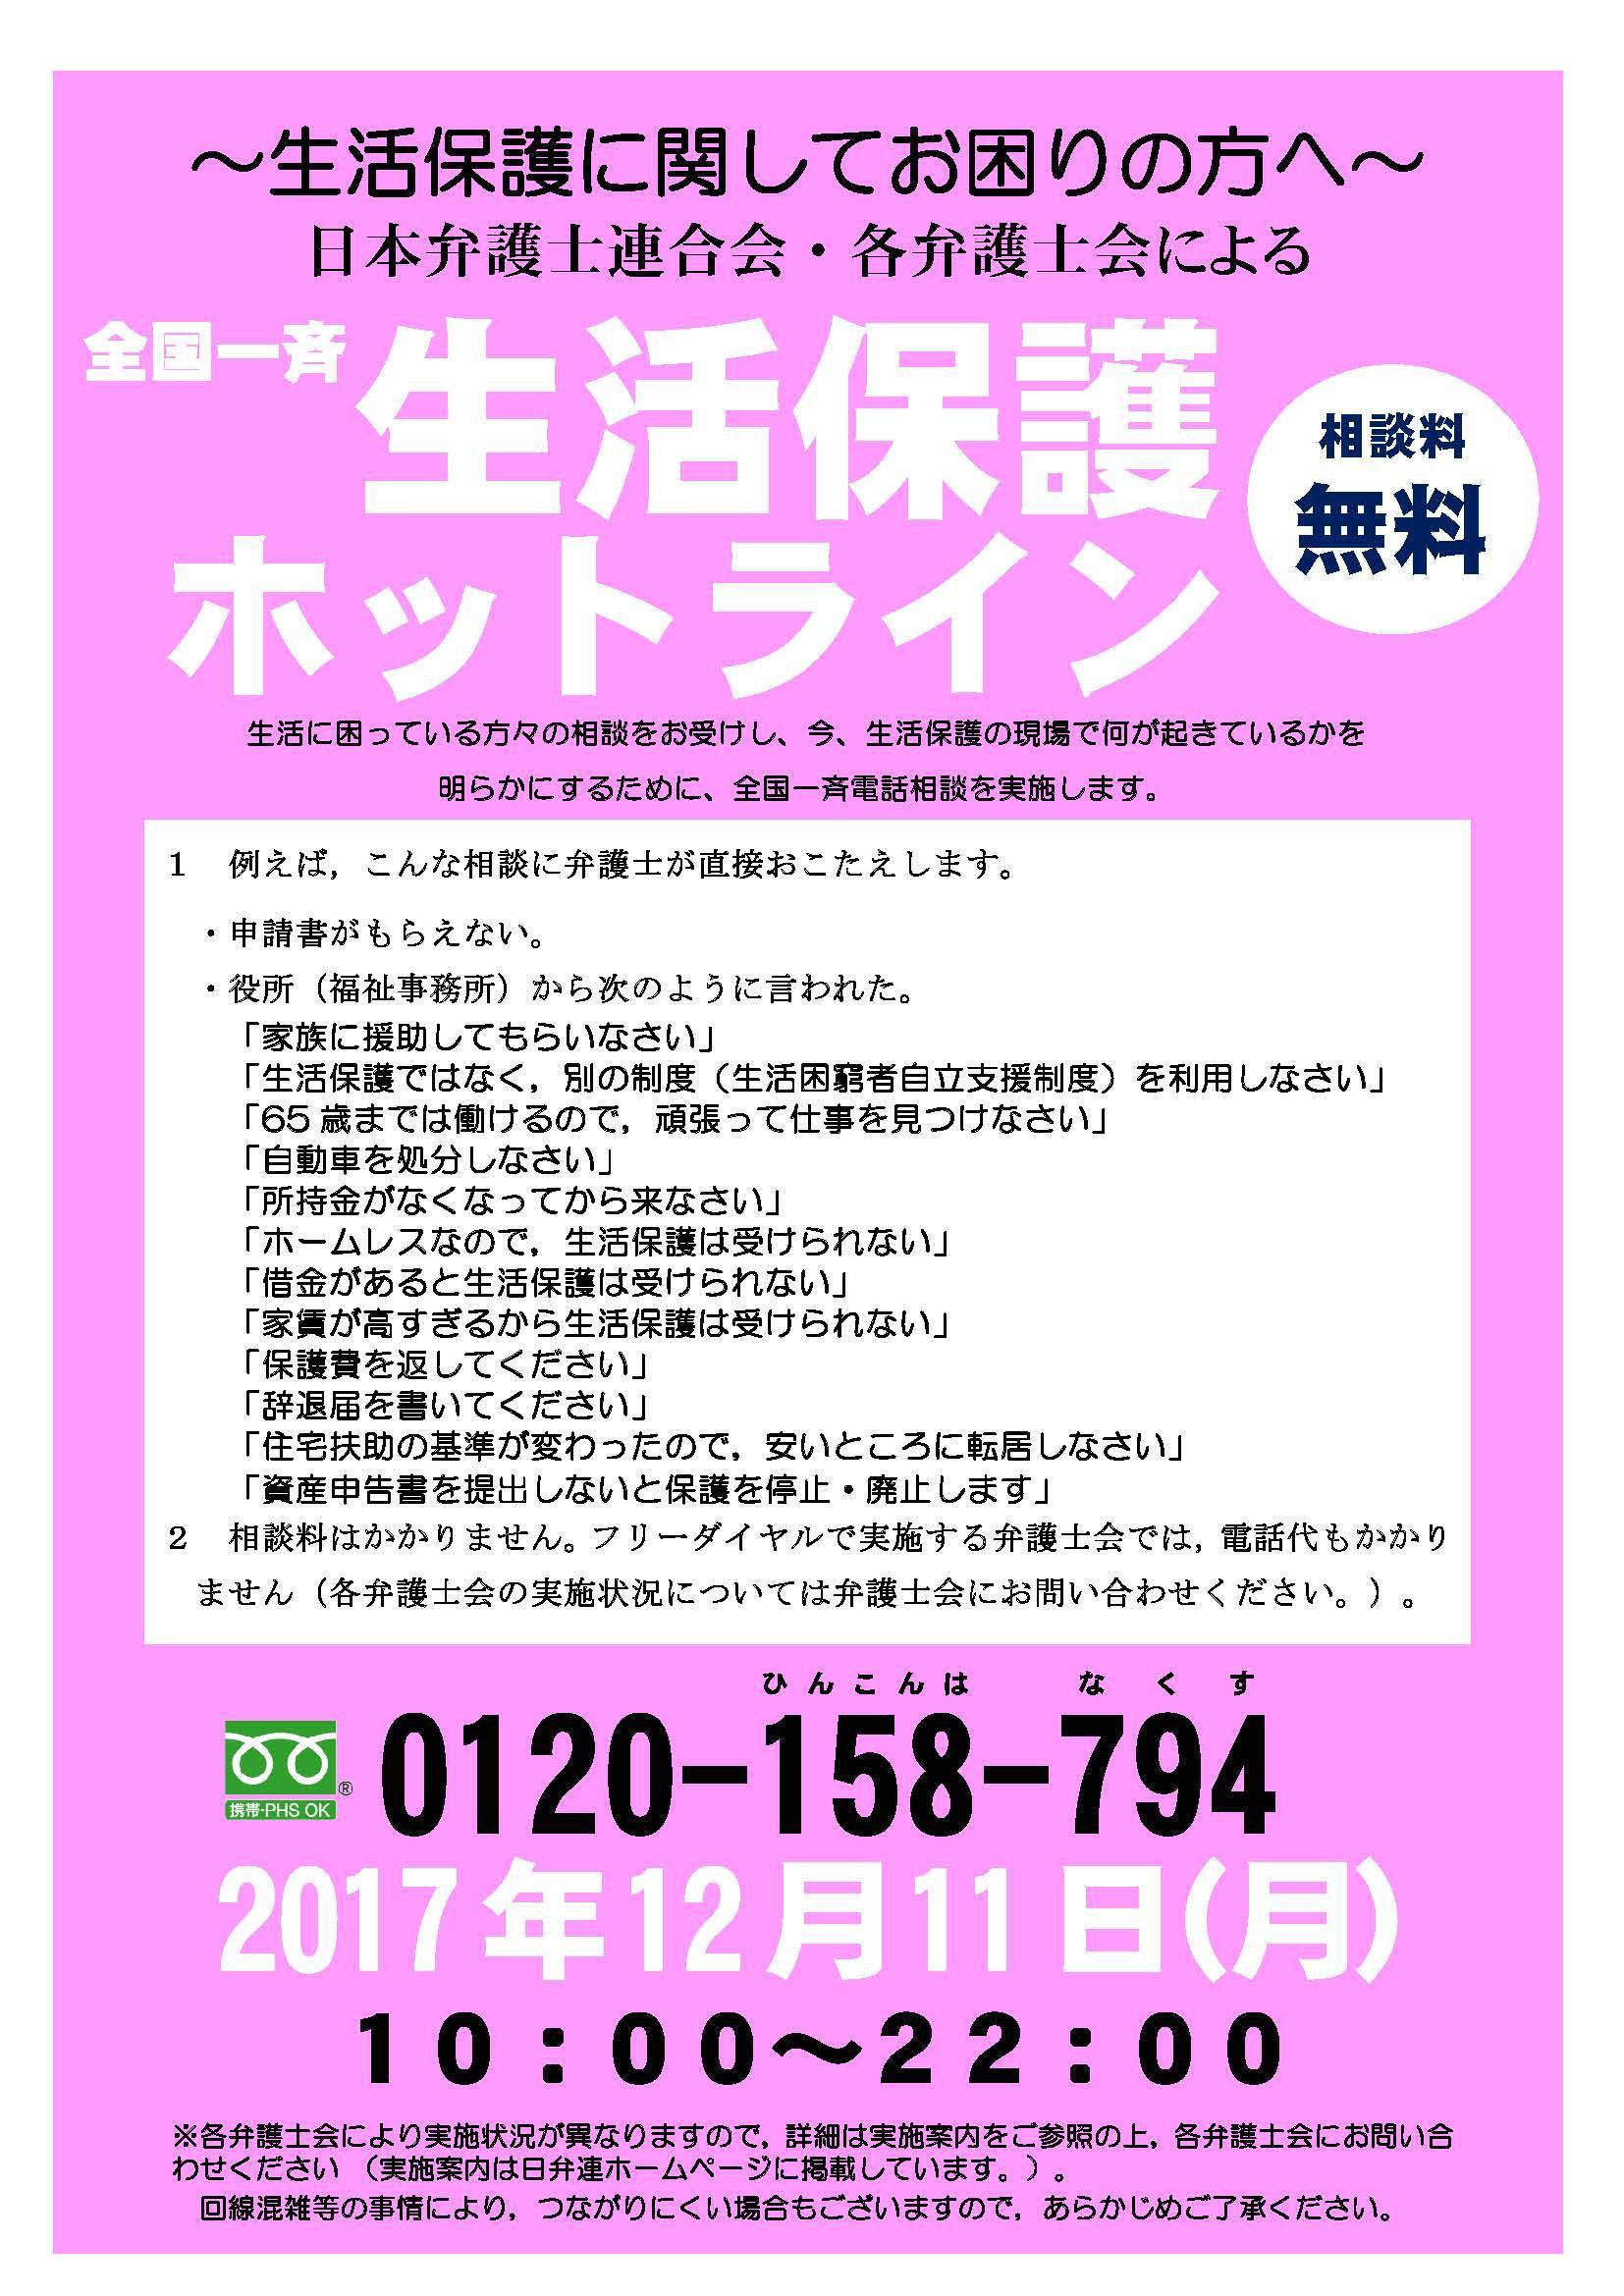 【全国一斉生活保護ホットライン】広報チラシ.jpg